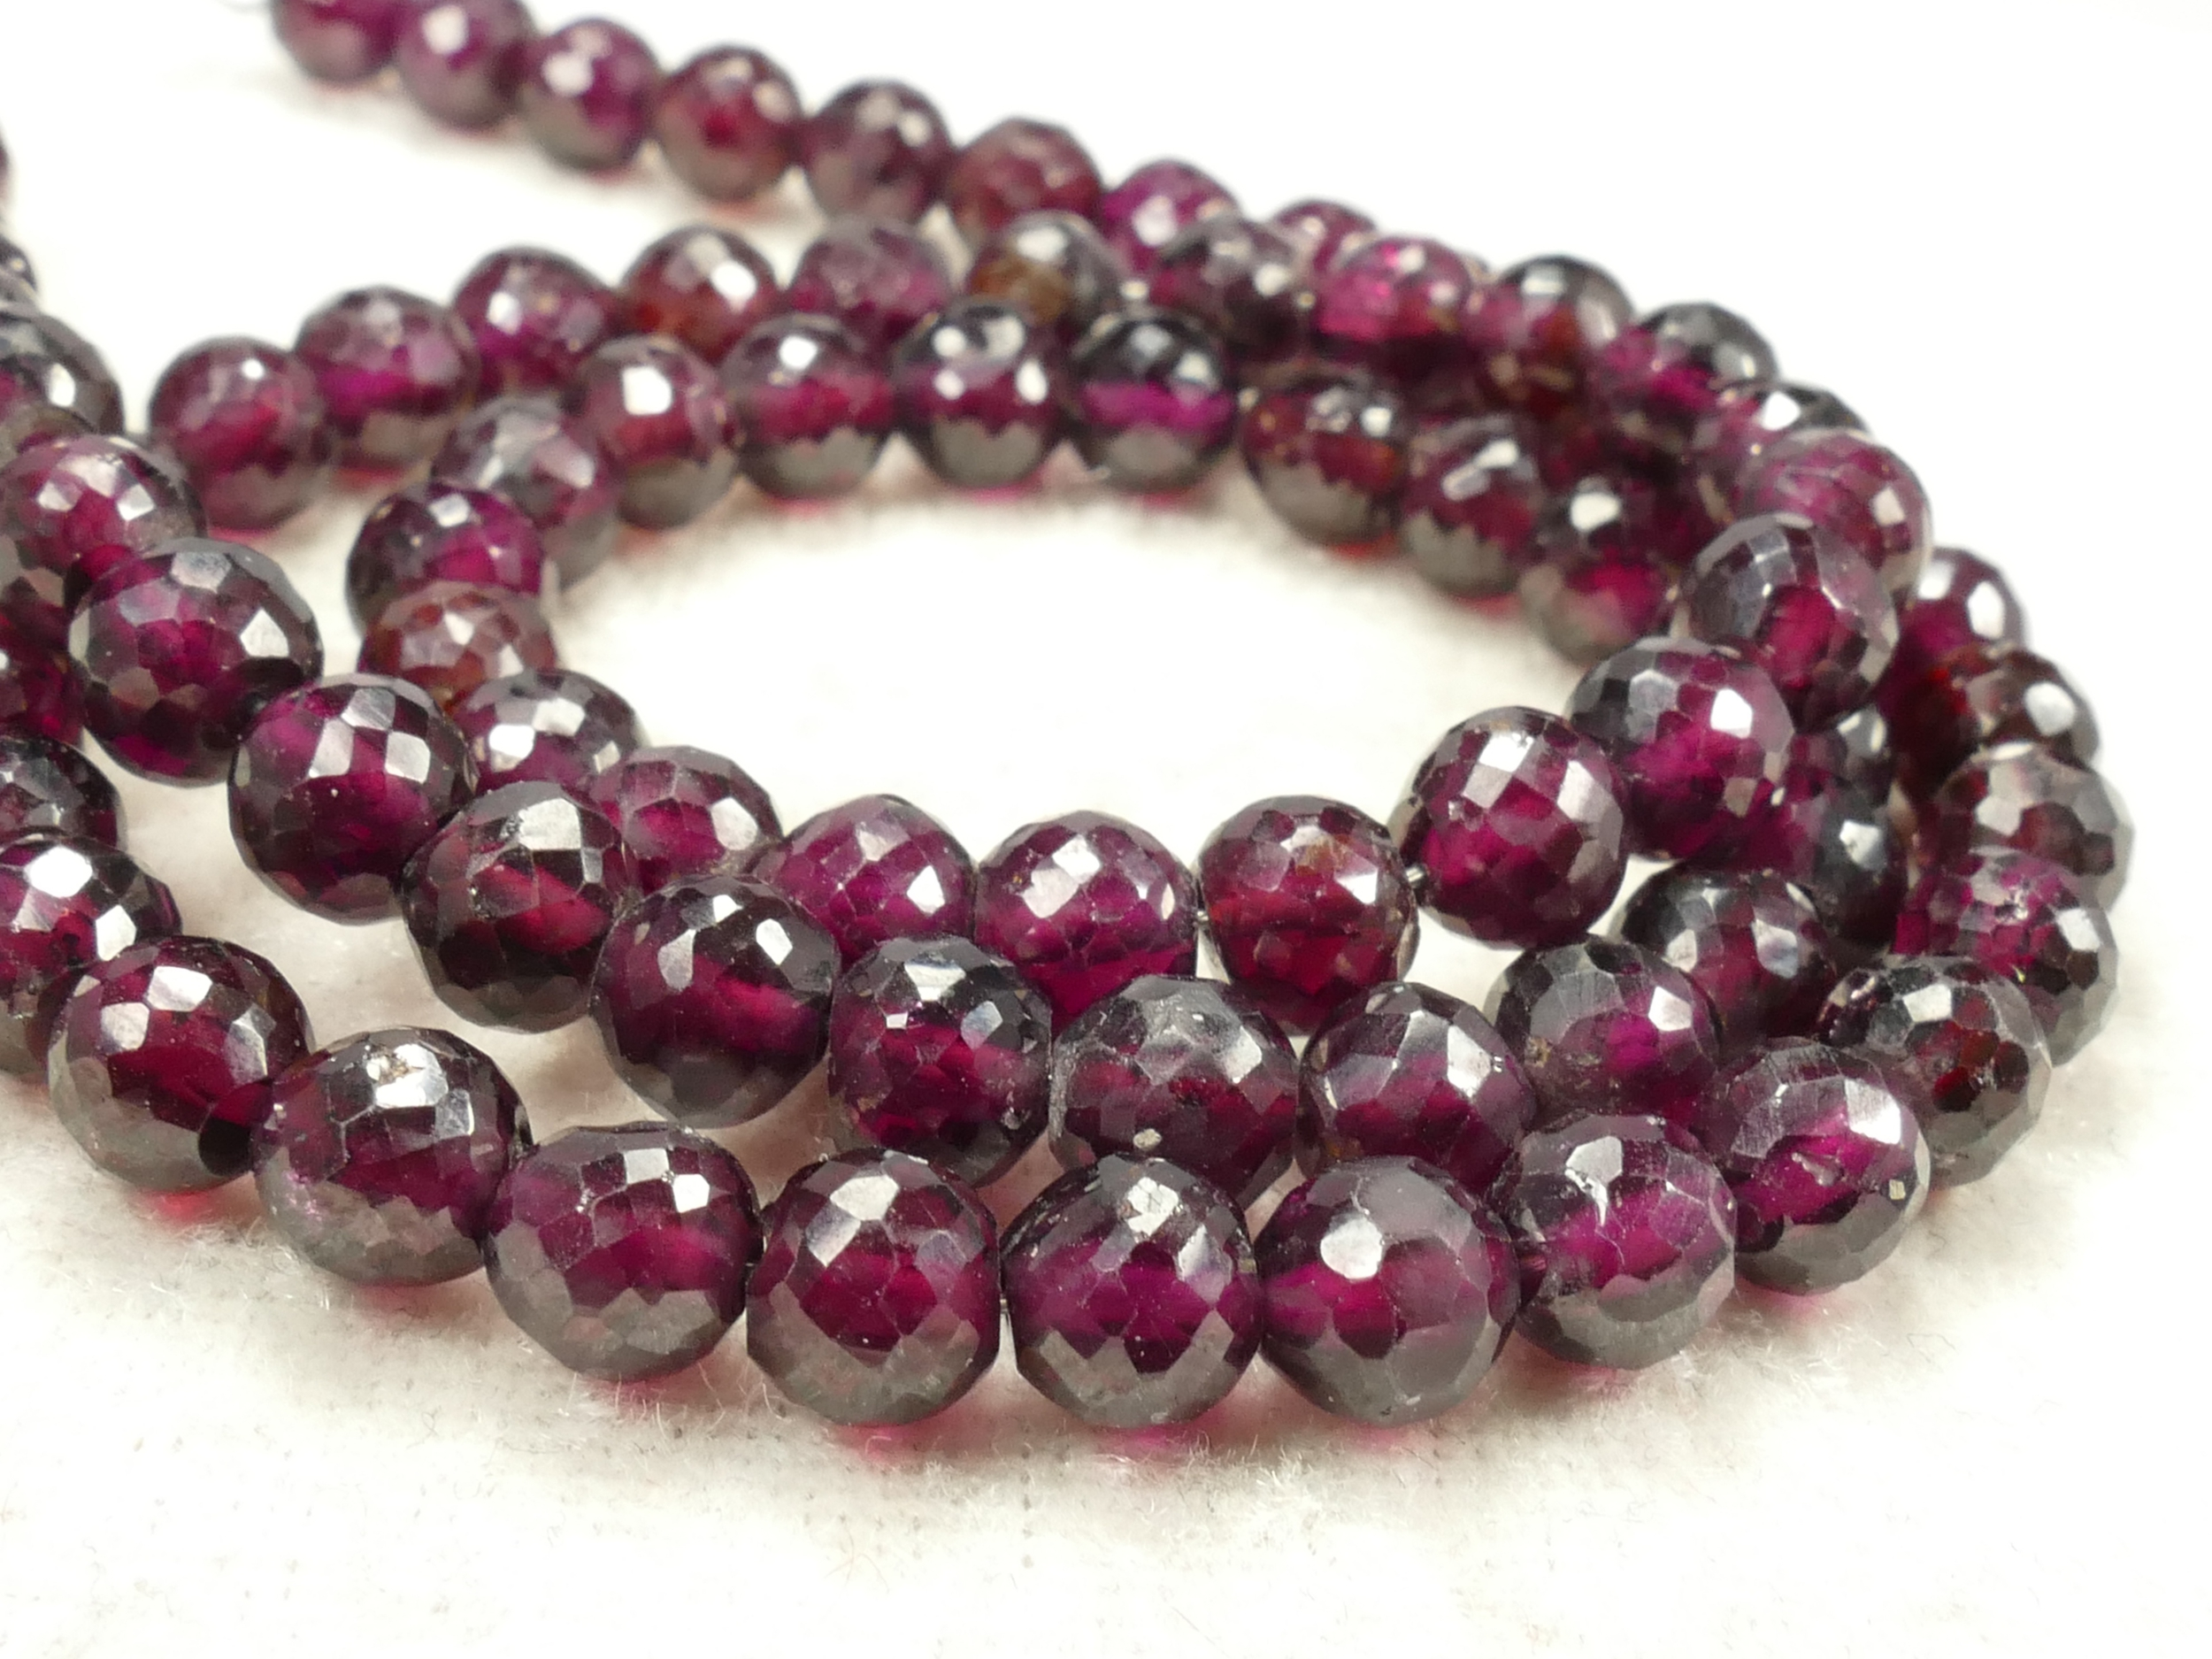 5.6mm Jolie perle de Grenat rouge violet naturel boule / ronde facettée x10 perles (#AC661)